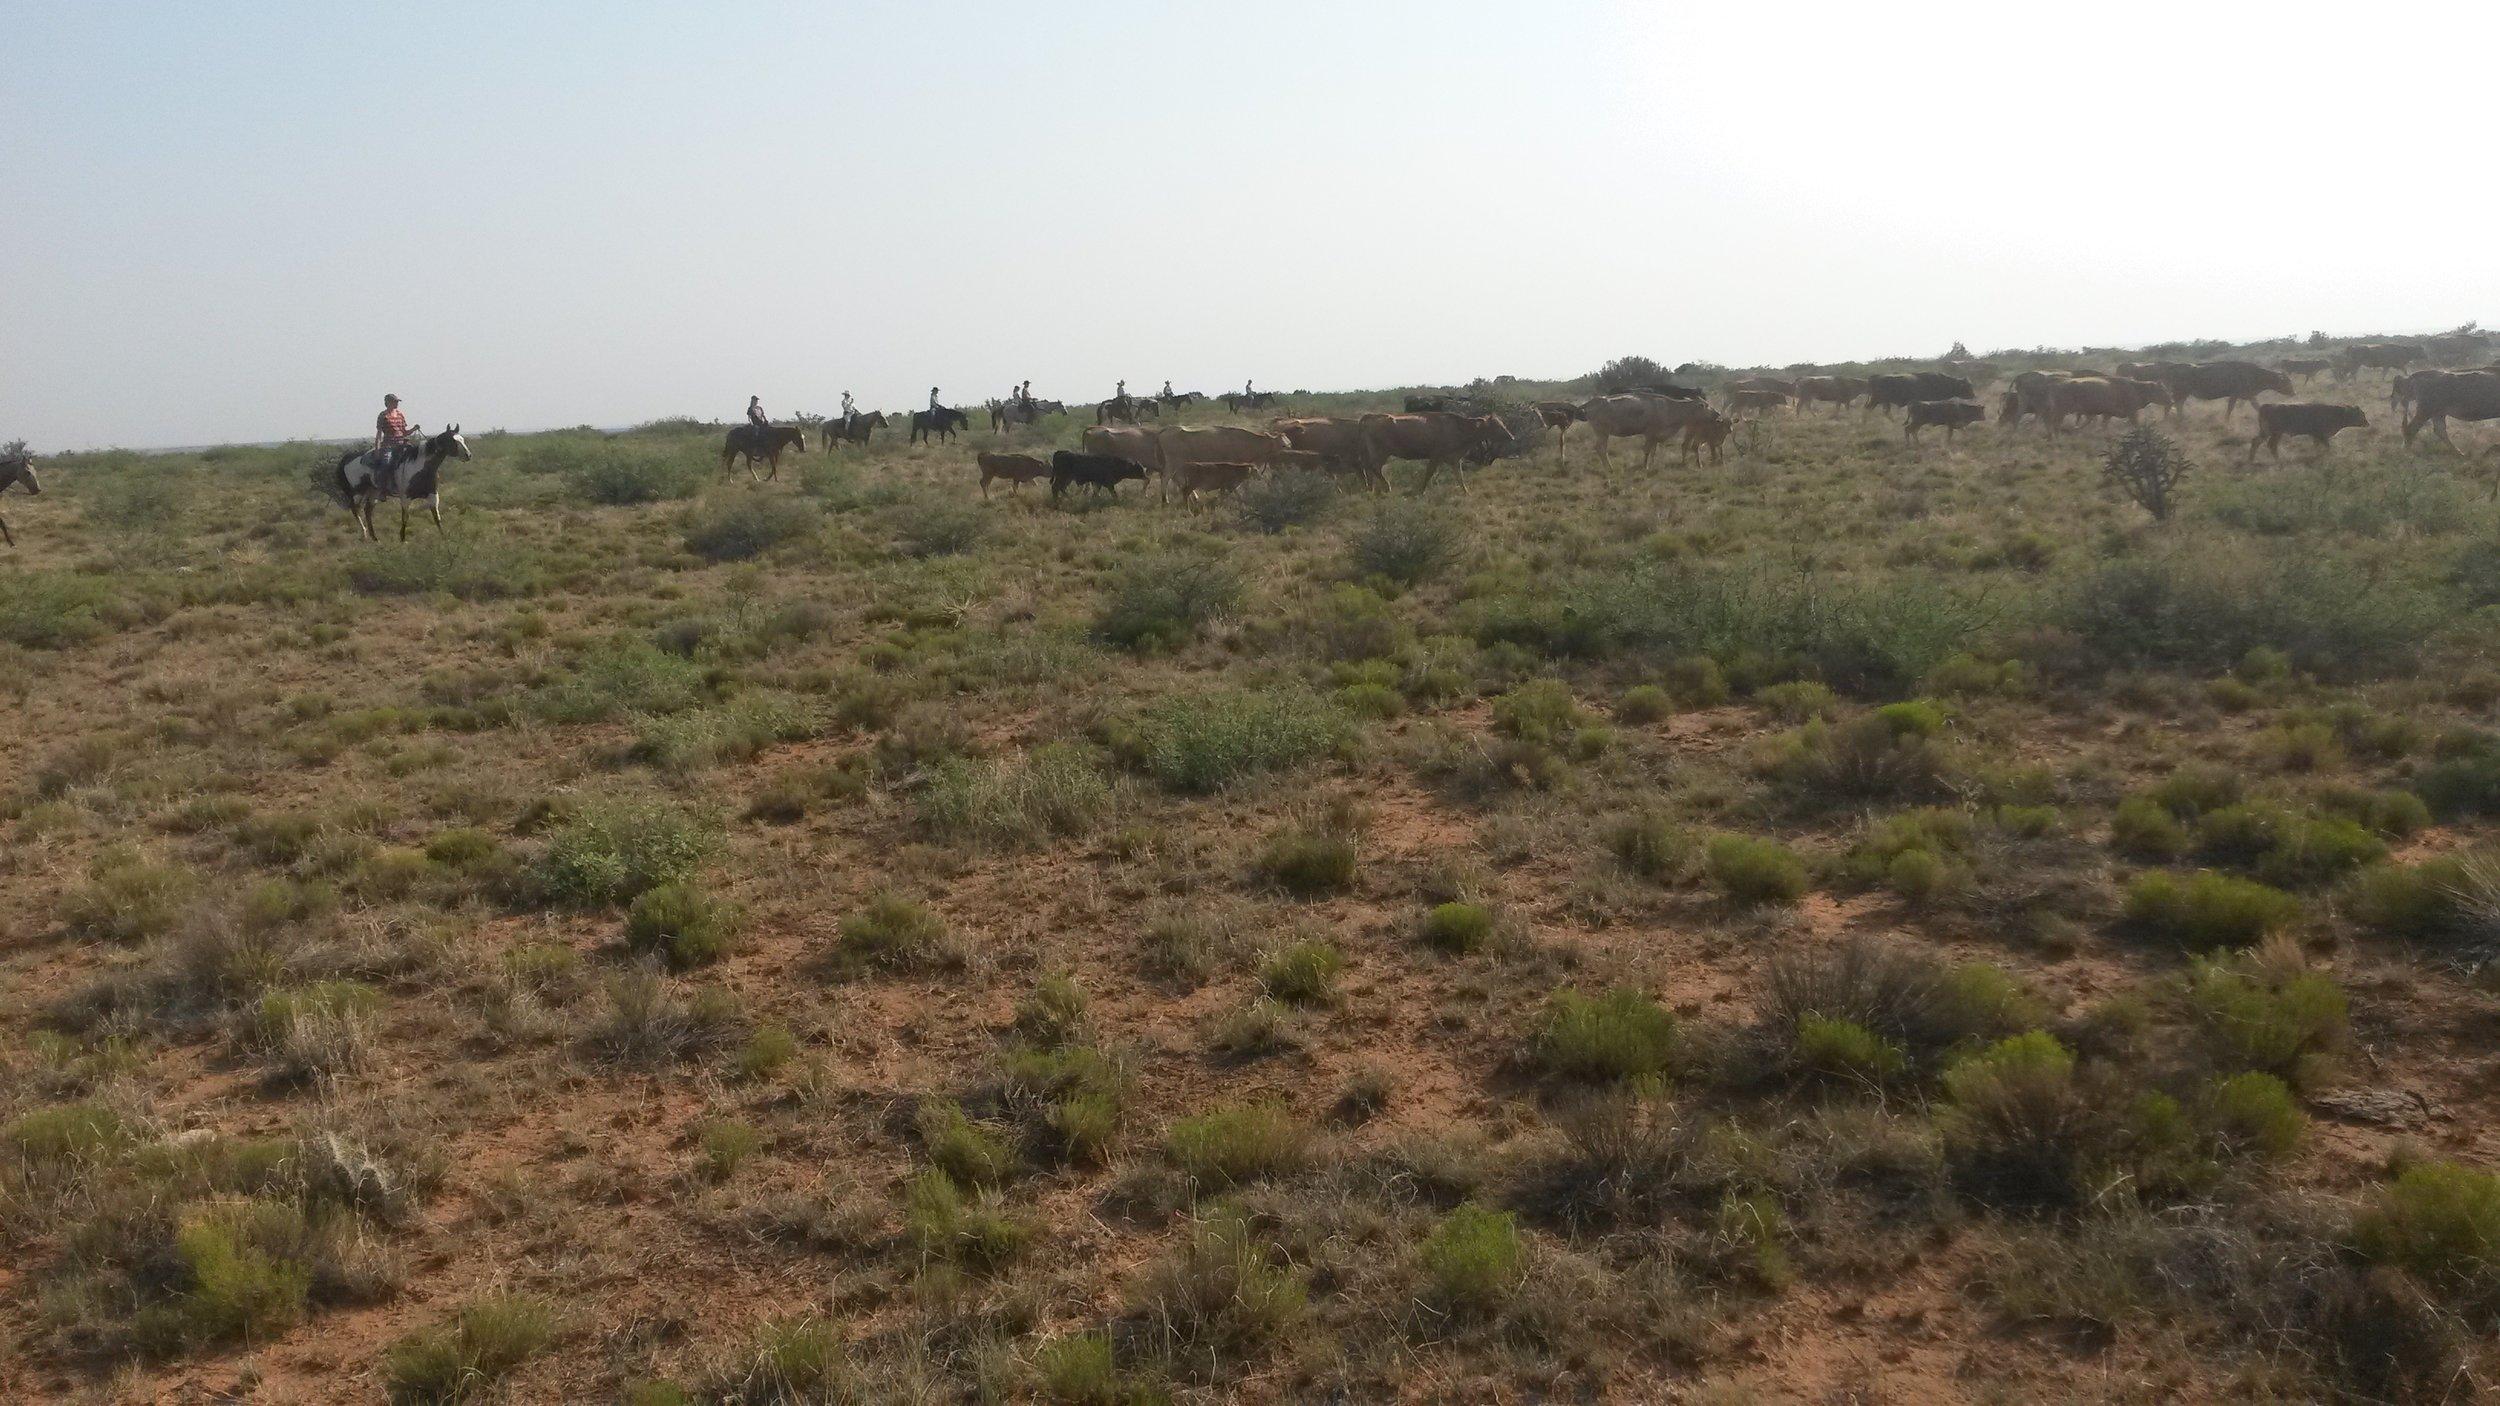 That´s how it should work: Cows in front and riders in a line behind the cattle.  So soll es aussehen: Kühe vorne weg und die Reiter in einer Linie hinter den Kühen.